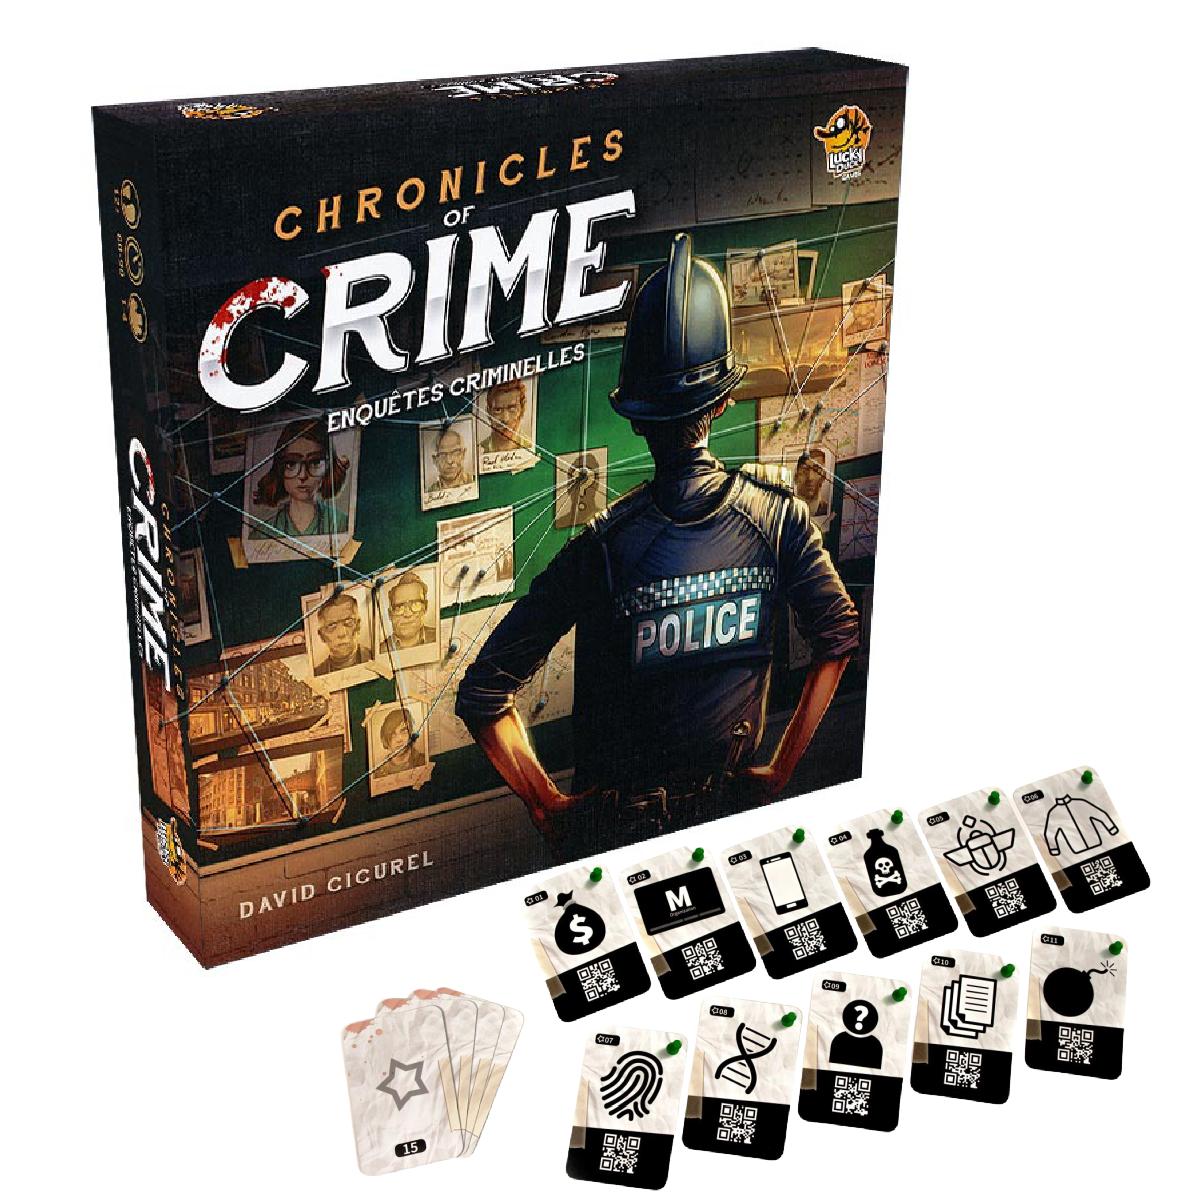 Chronicles of Crime - Enquêtes criminelles   49,99$